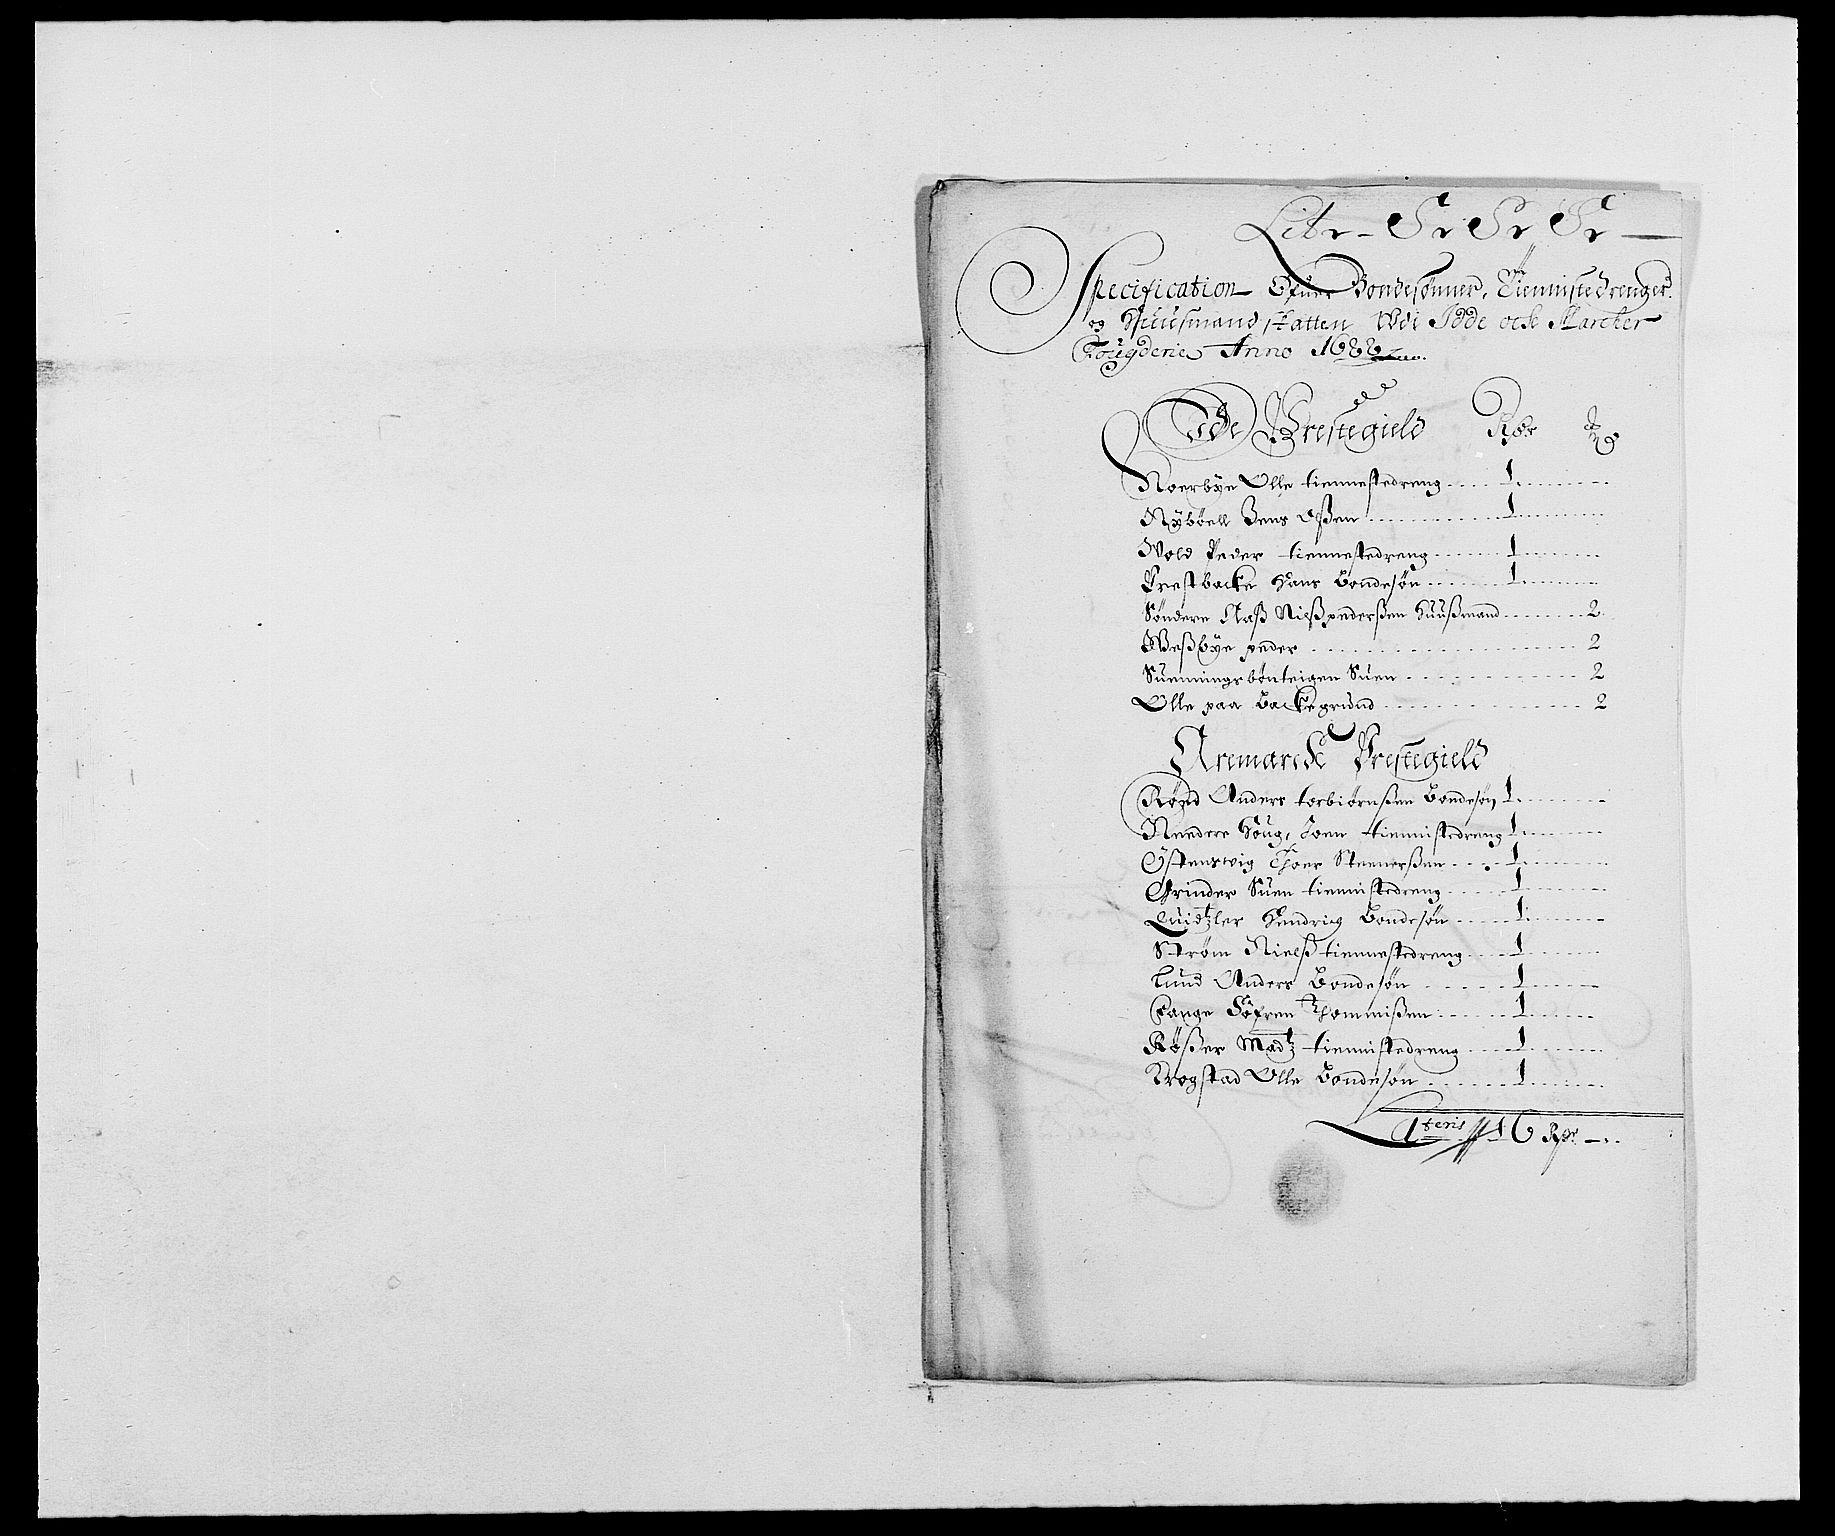 RA, Rentekammeret inntil 1814, Reviderte regnskaper, Fogderegnskap, R01/L0007: Fogderegnskap Idd og Marker, 1687-1688, s. 309